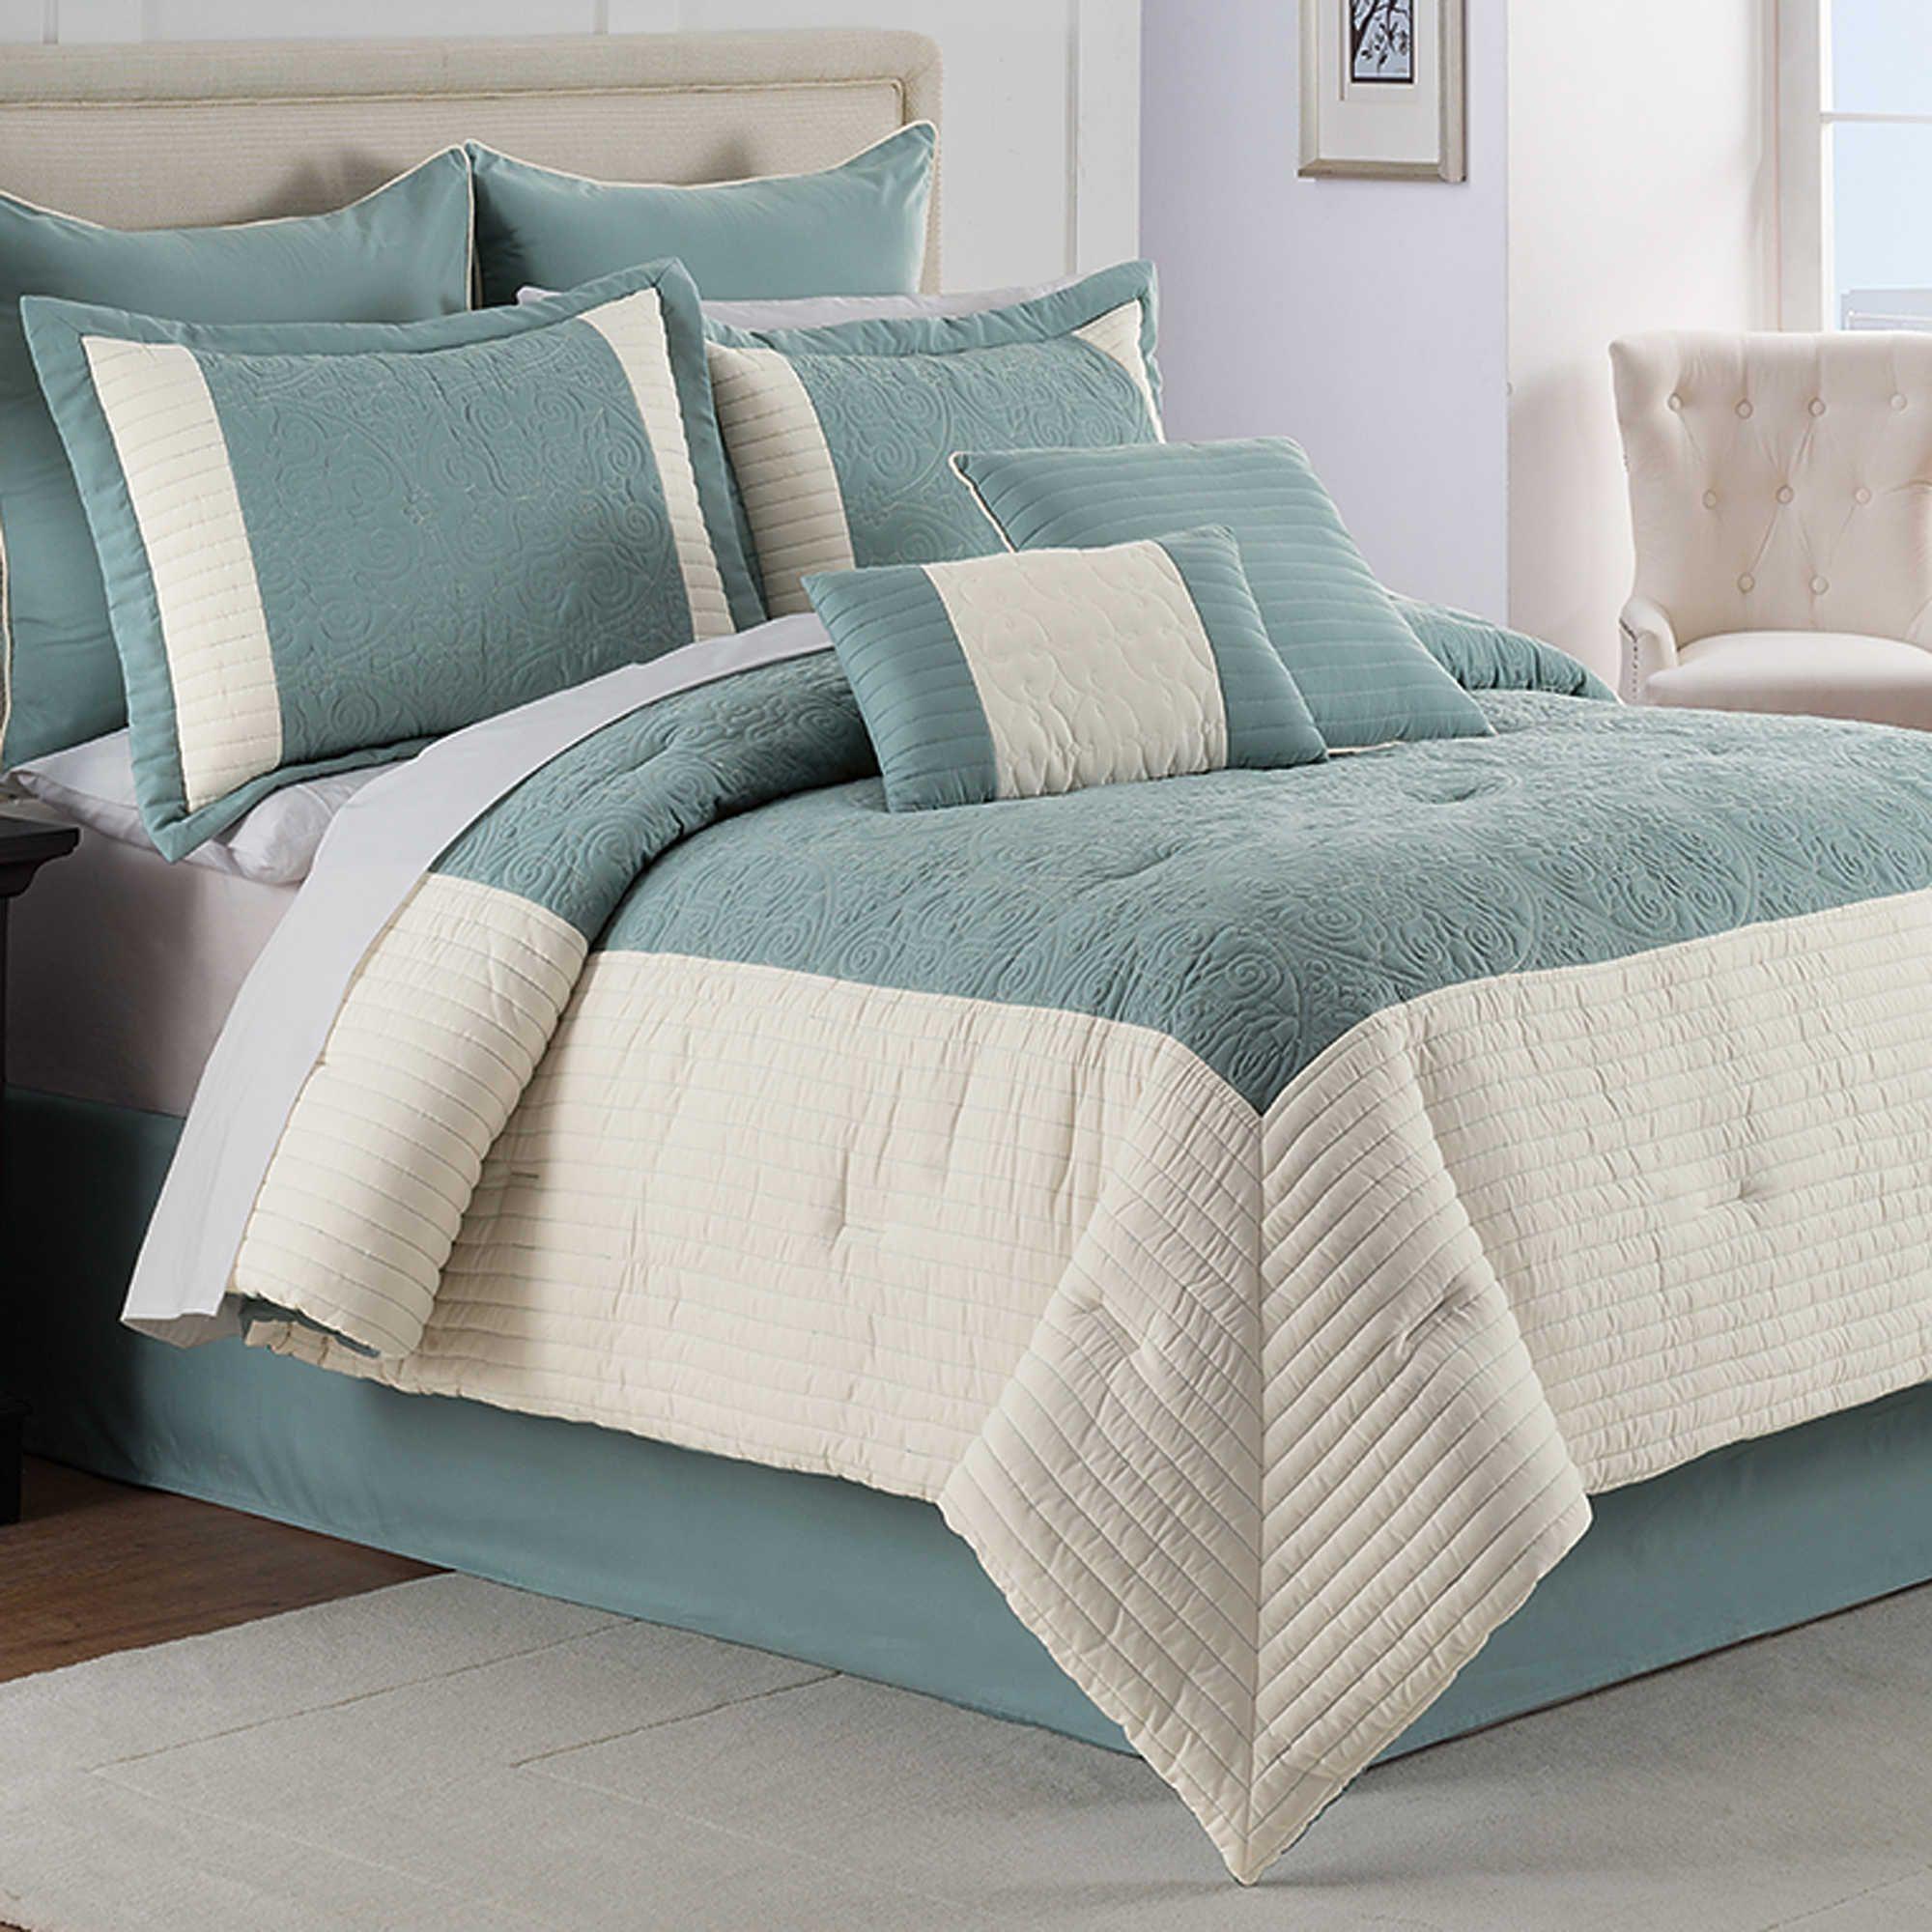 Hathaway piece comforter set comforter and bedrooms